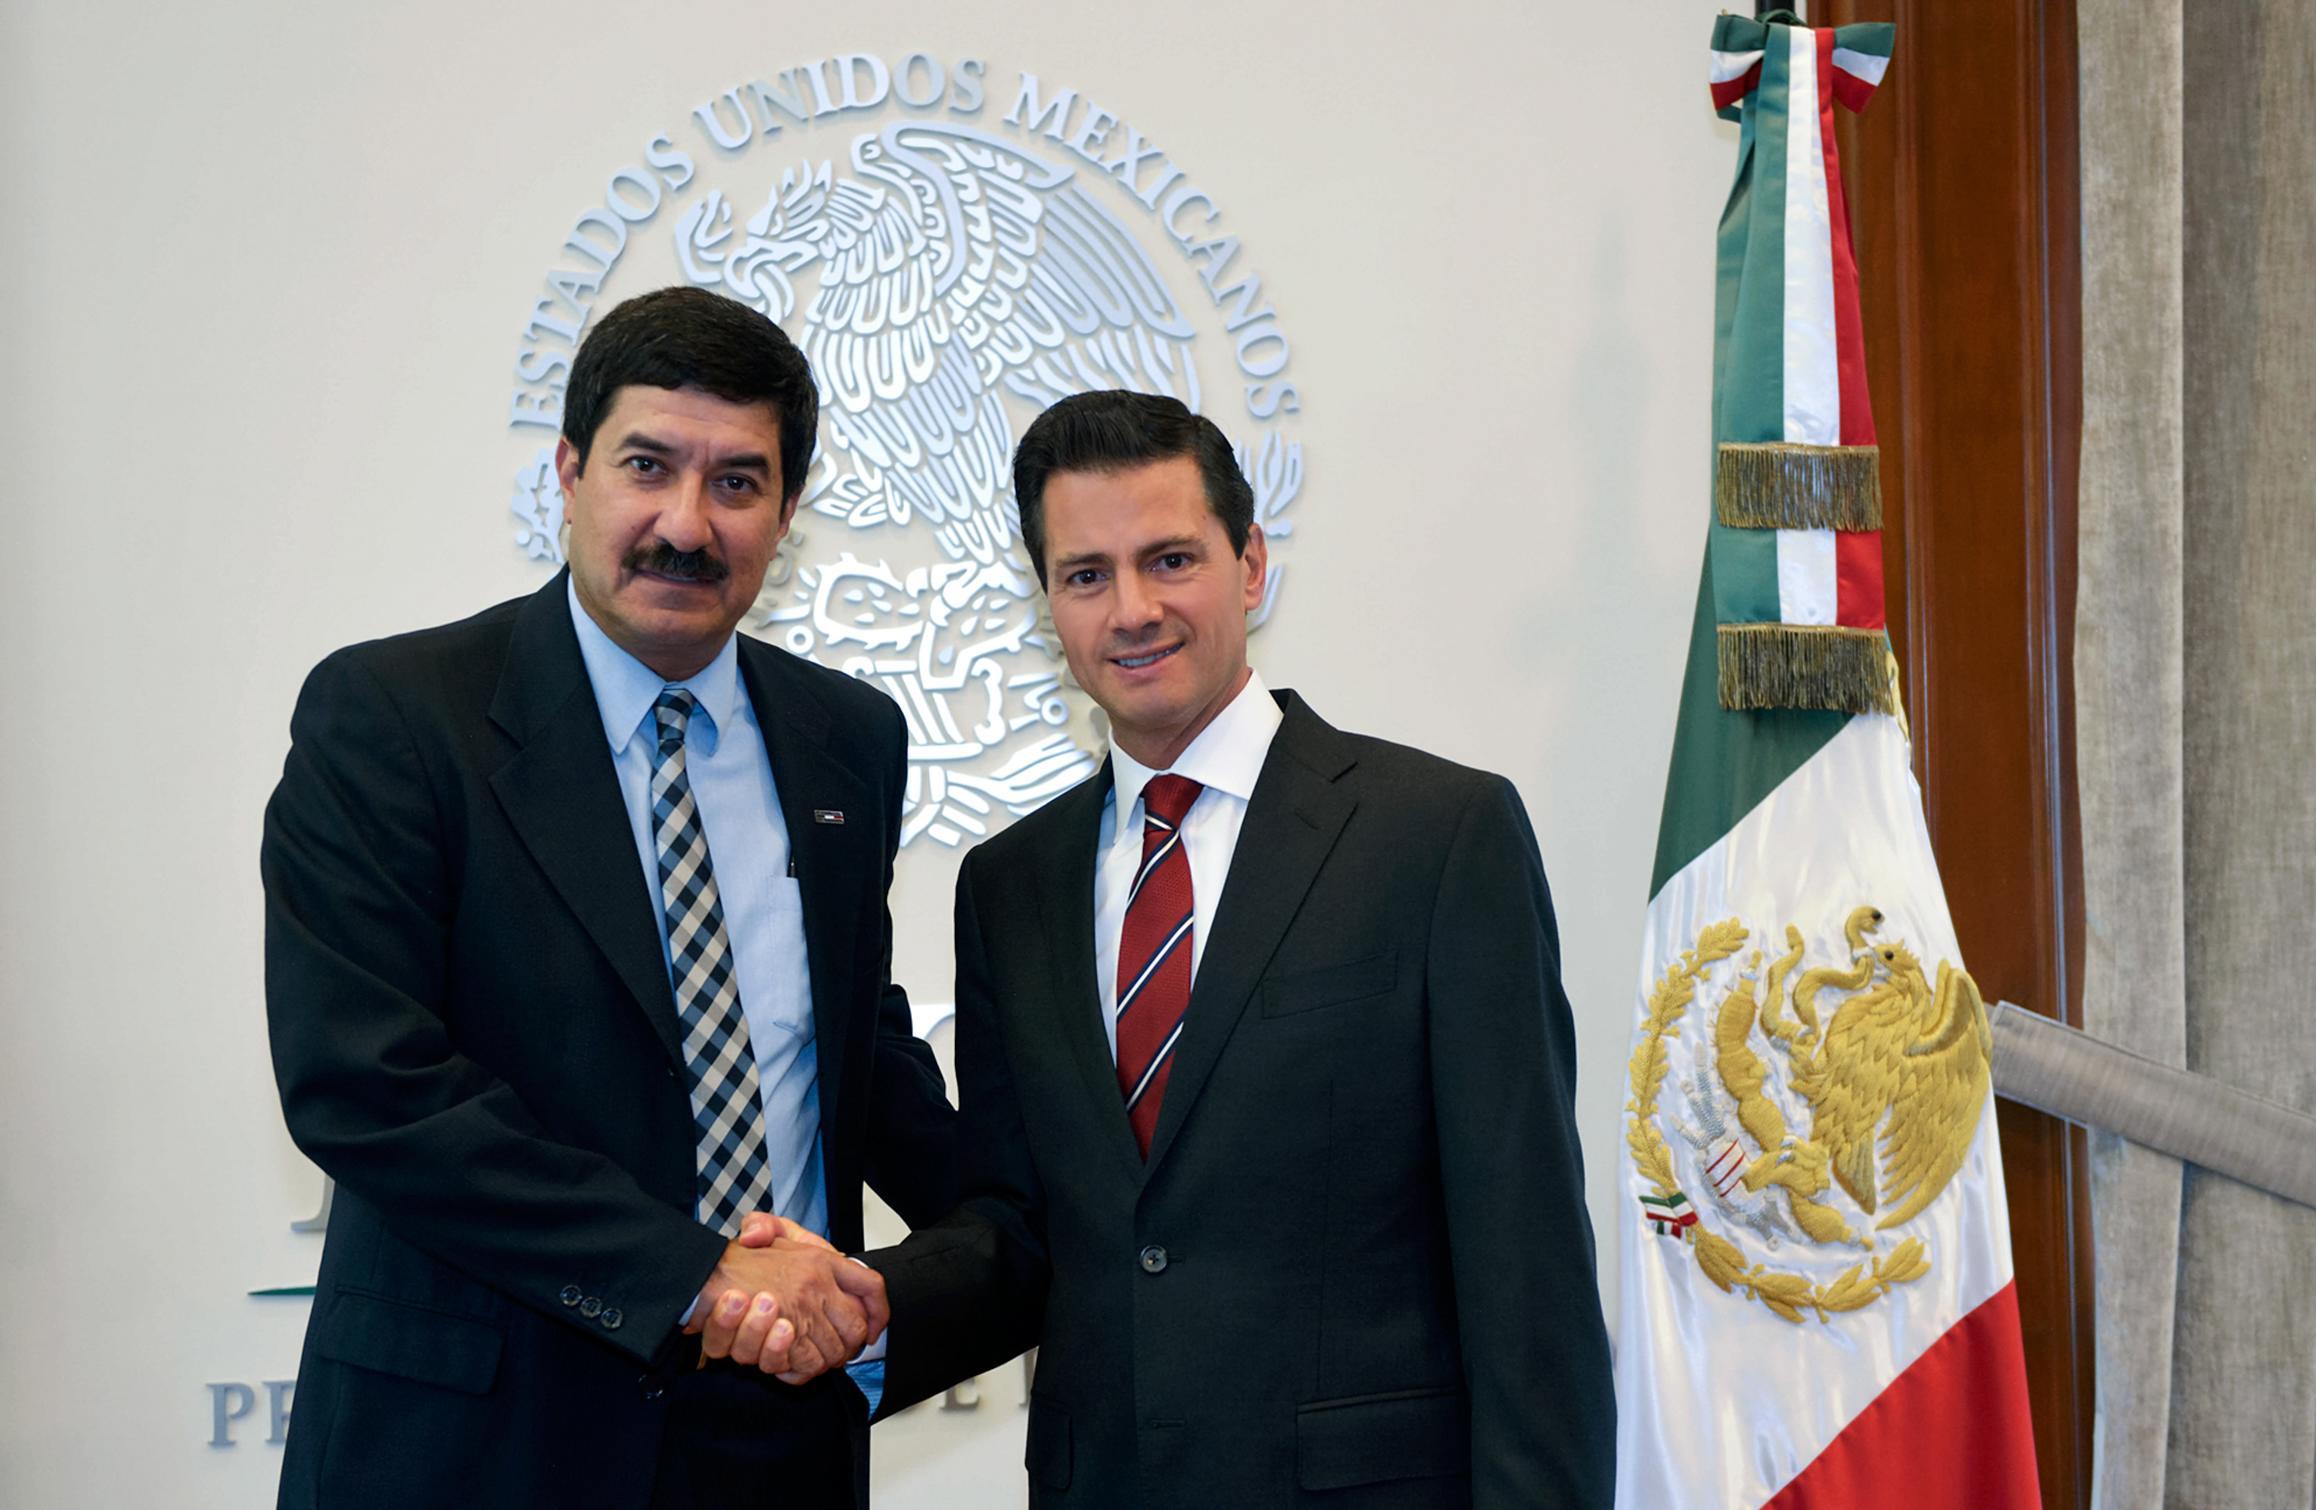 Javier Corral agradeció al Presidente Peña Nieto la disposición del Gobierno de la República por acompañar los esfuerzos que emprenderá con el objetivo de alcanzar un mayor desarrollo en Chihuahua.